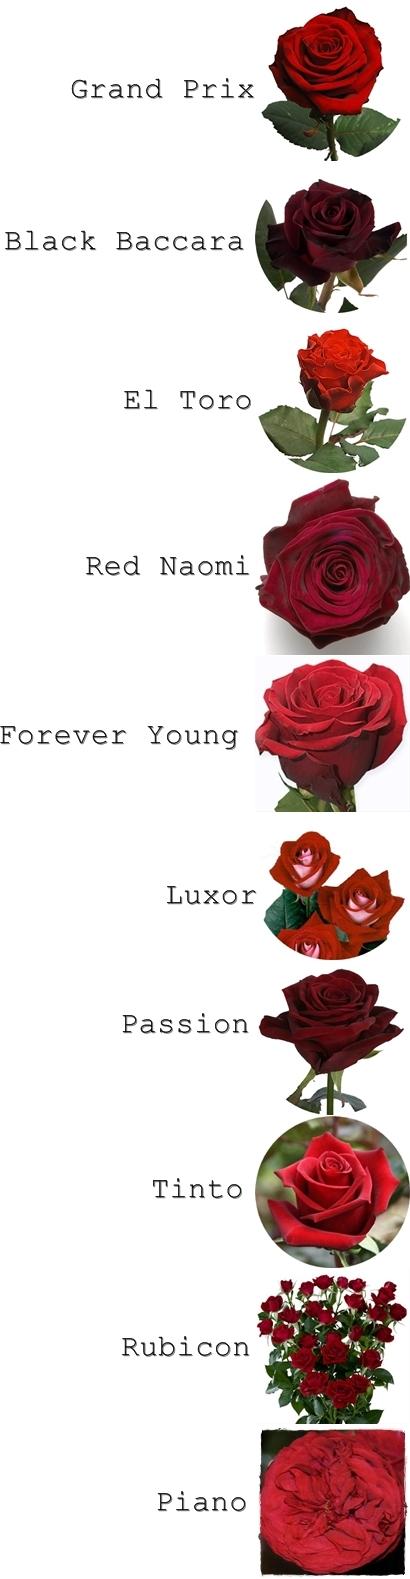 röda rosor, namn på röda rosor, passion ros, red naomi ros, alla hjärtans dag, blommor till alla hjärtans dag